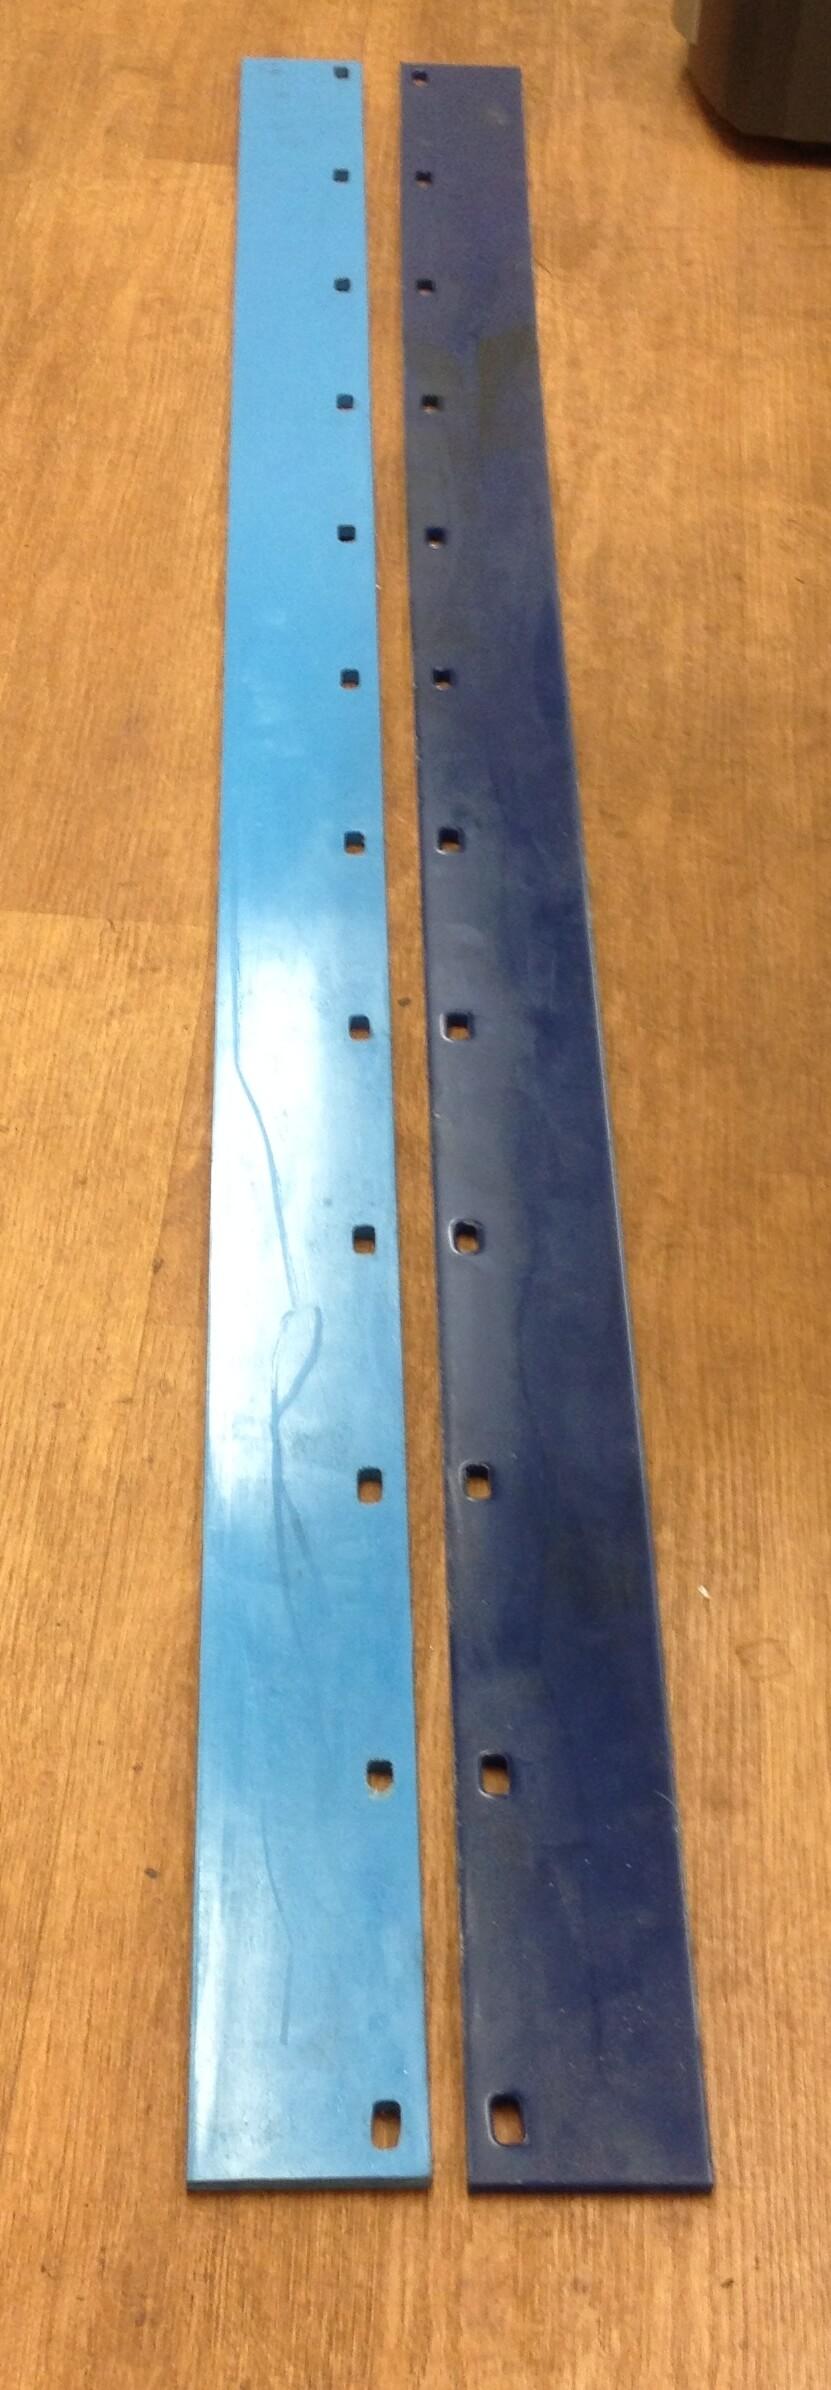 scrapper blades